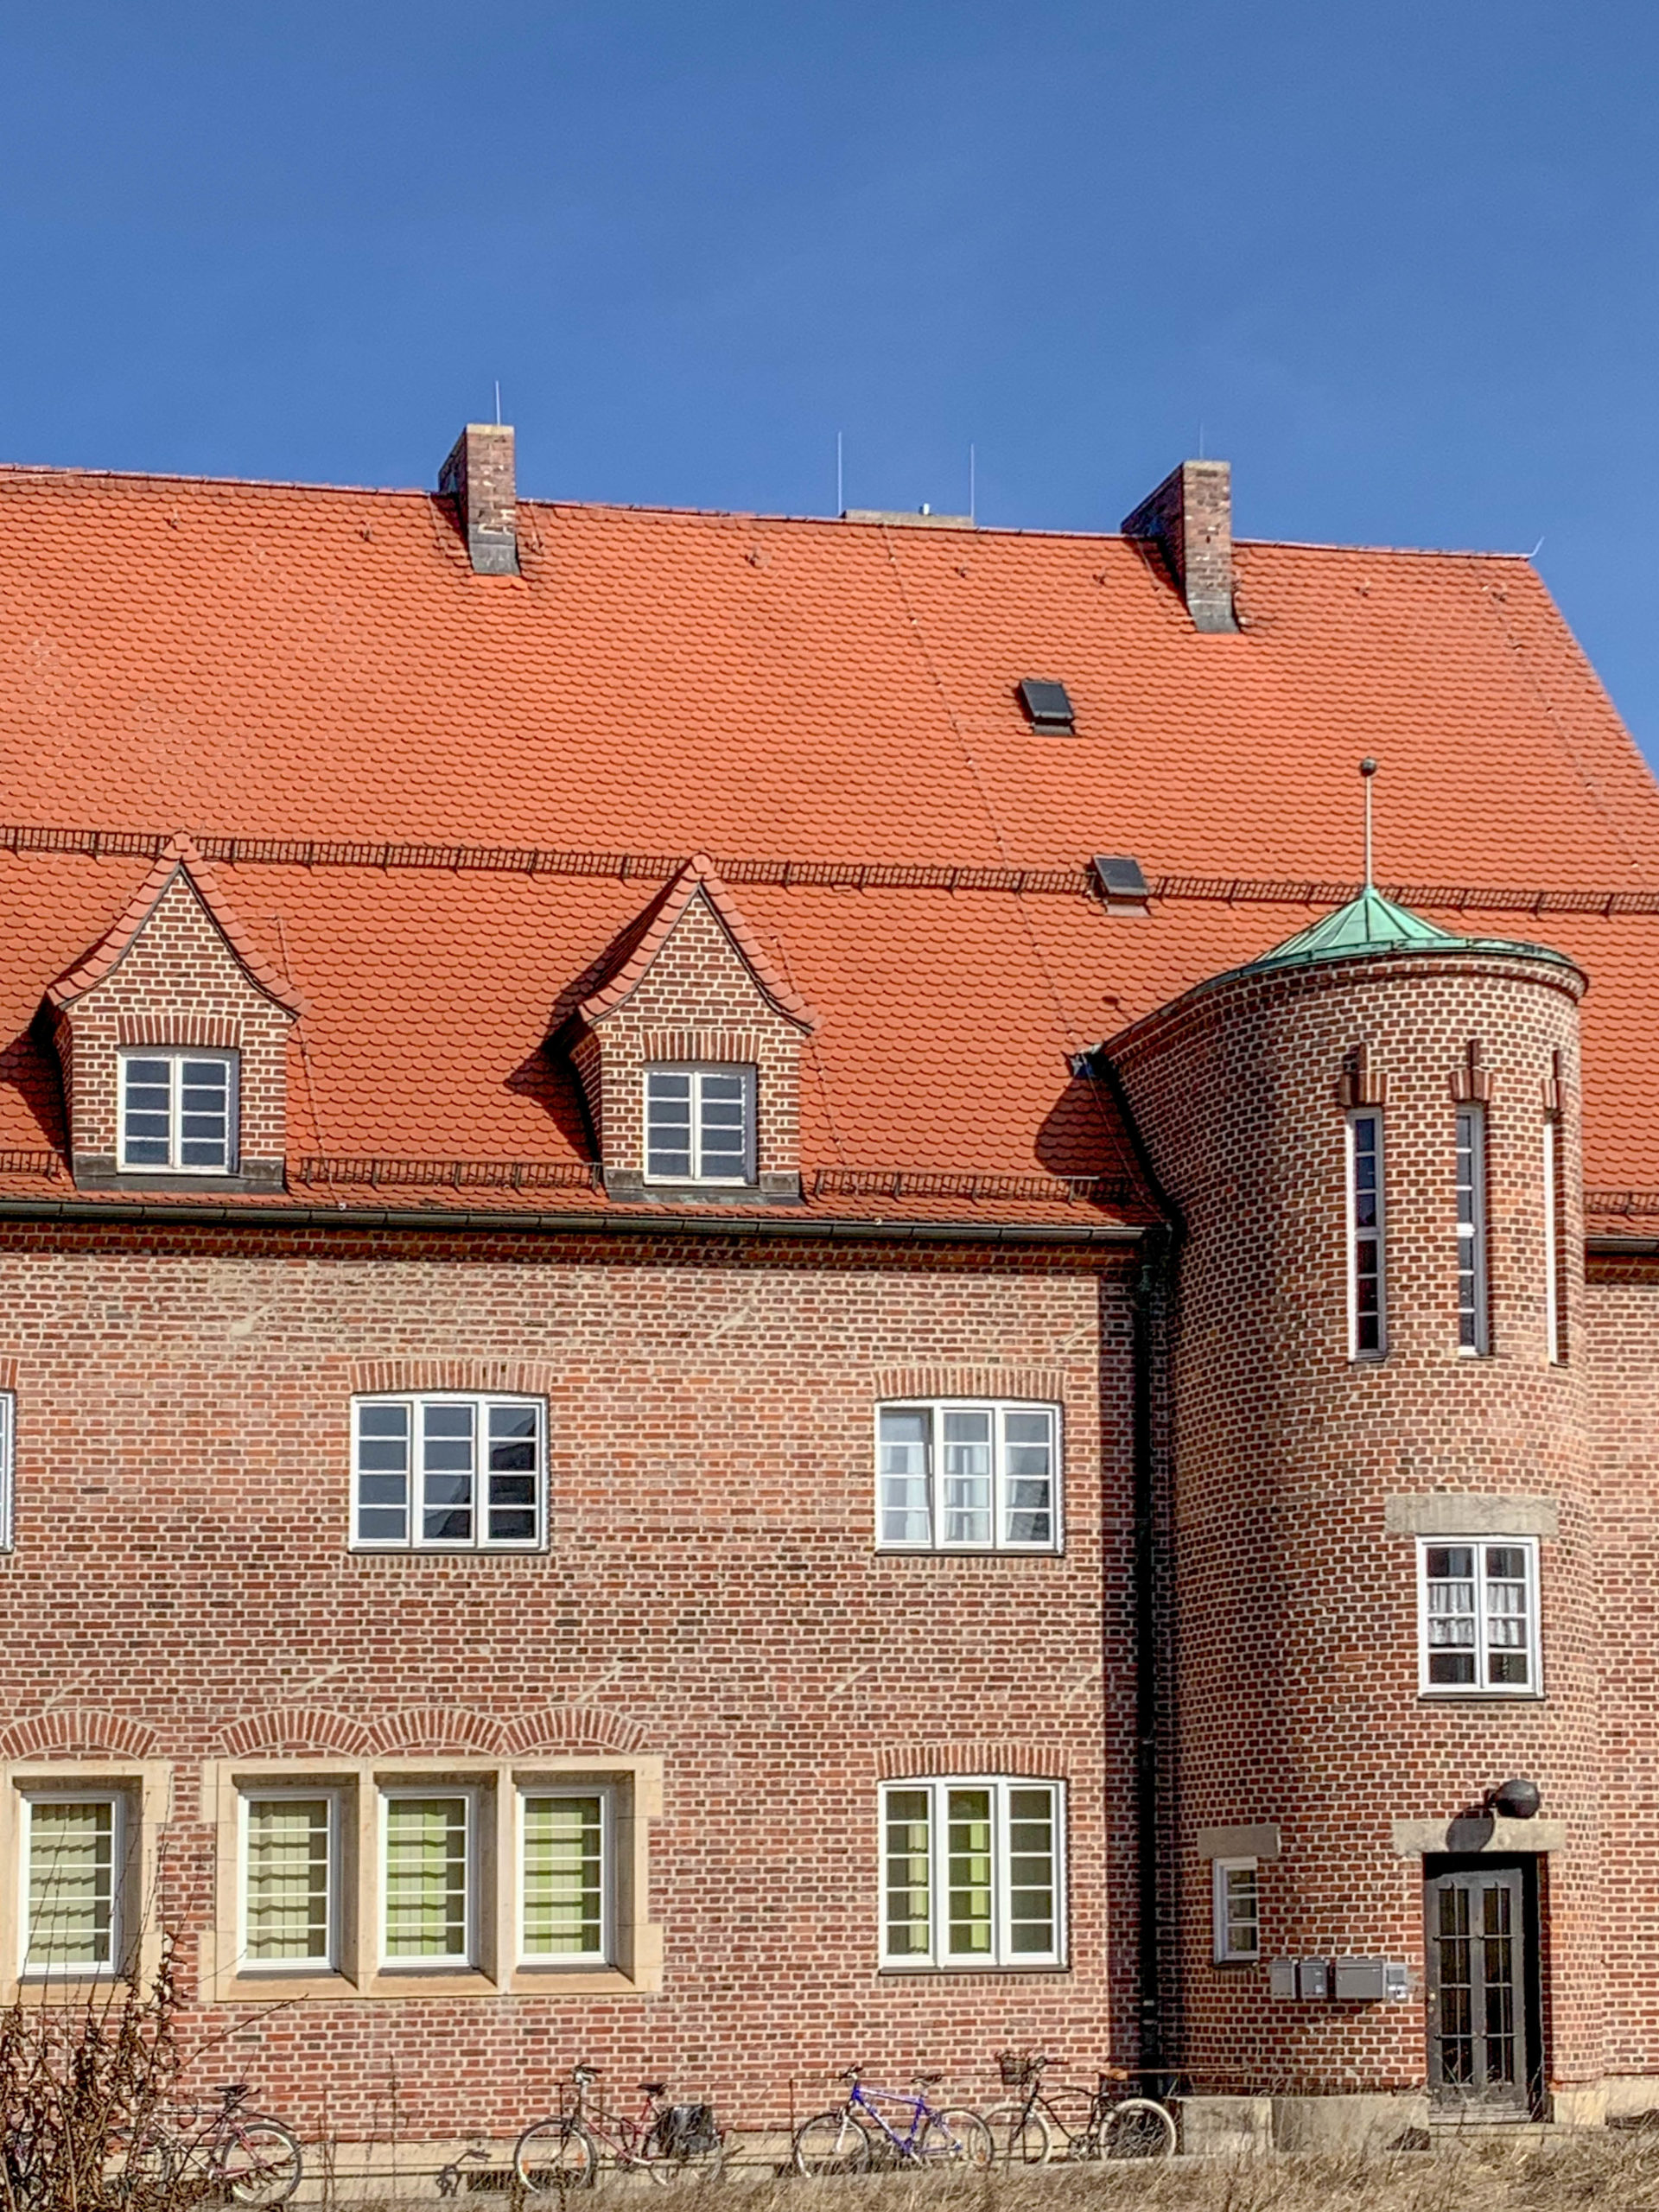 Ehemaliges Postgebäude, 1929. Architekten: Georg Werner, Eduard Härtinger